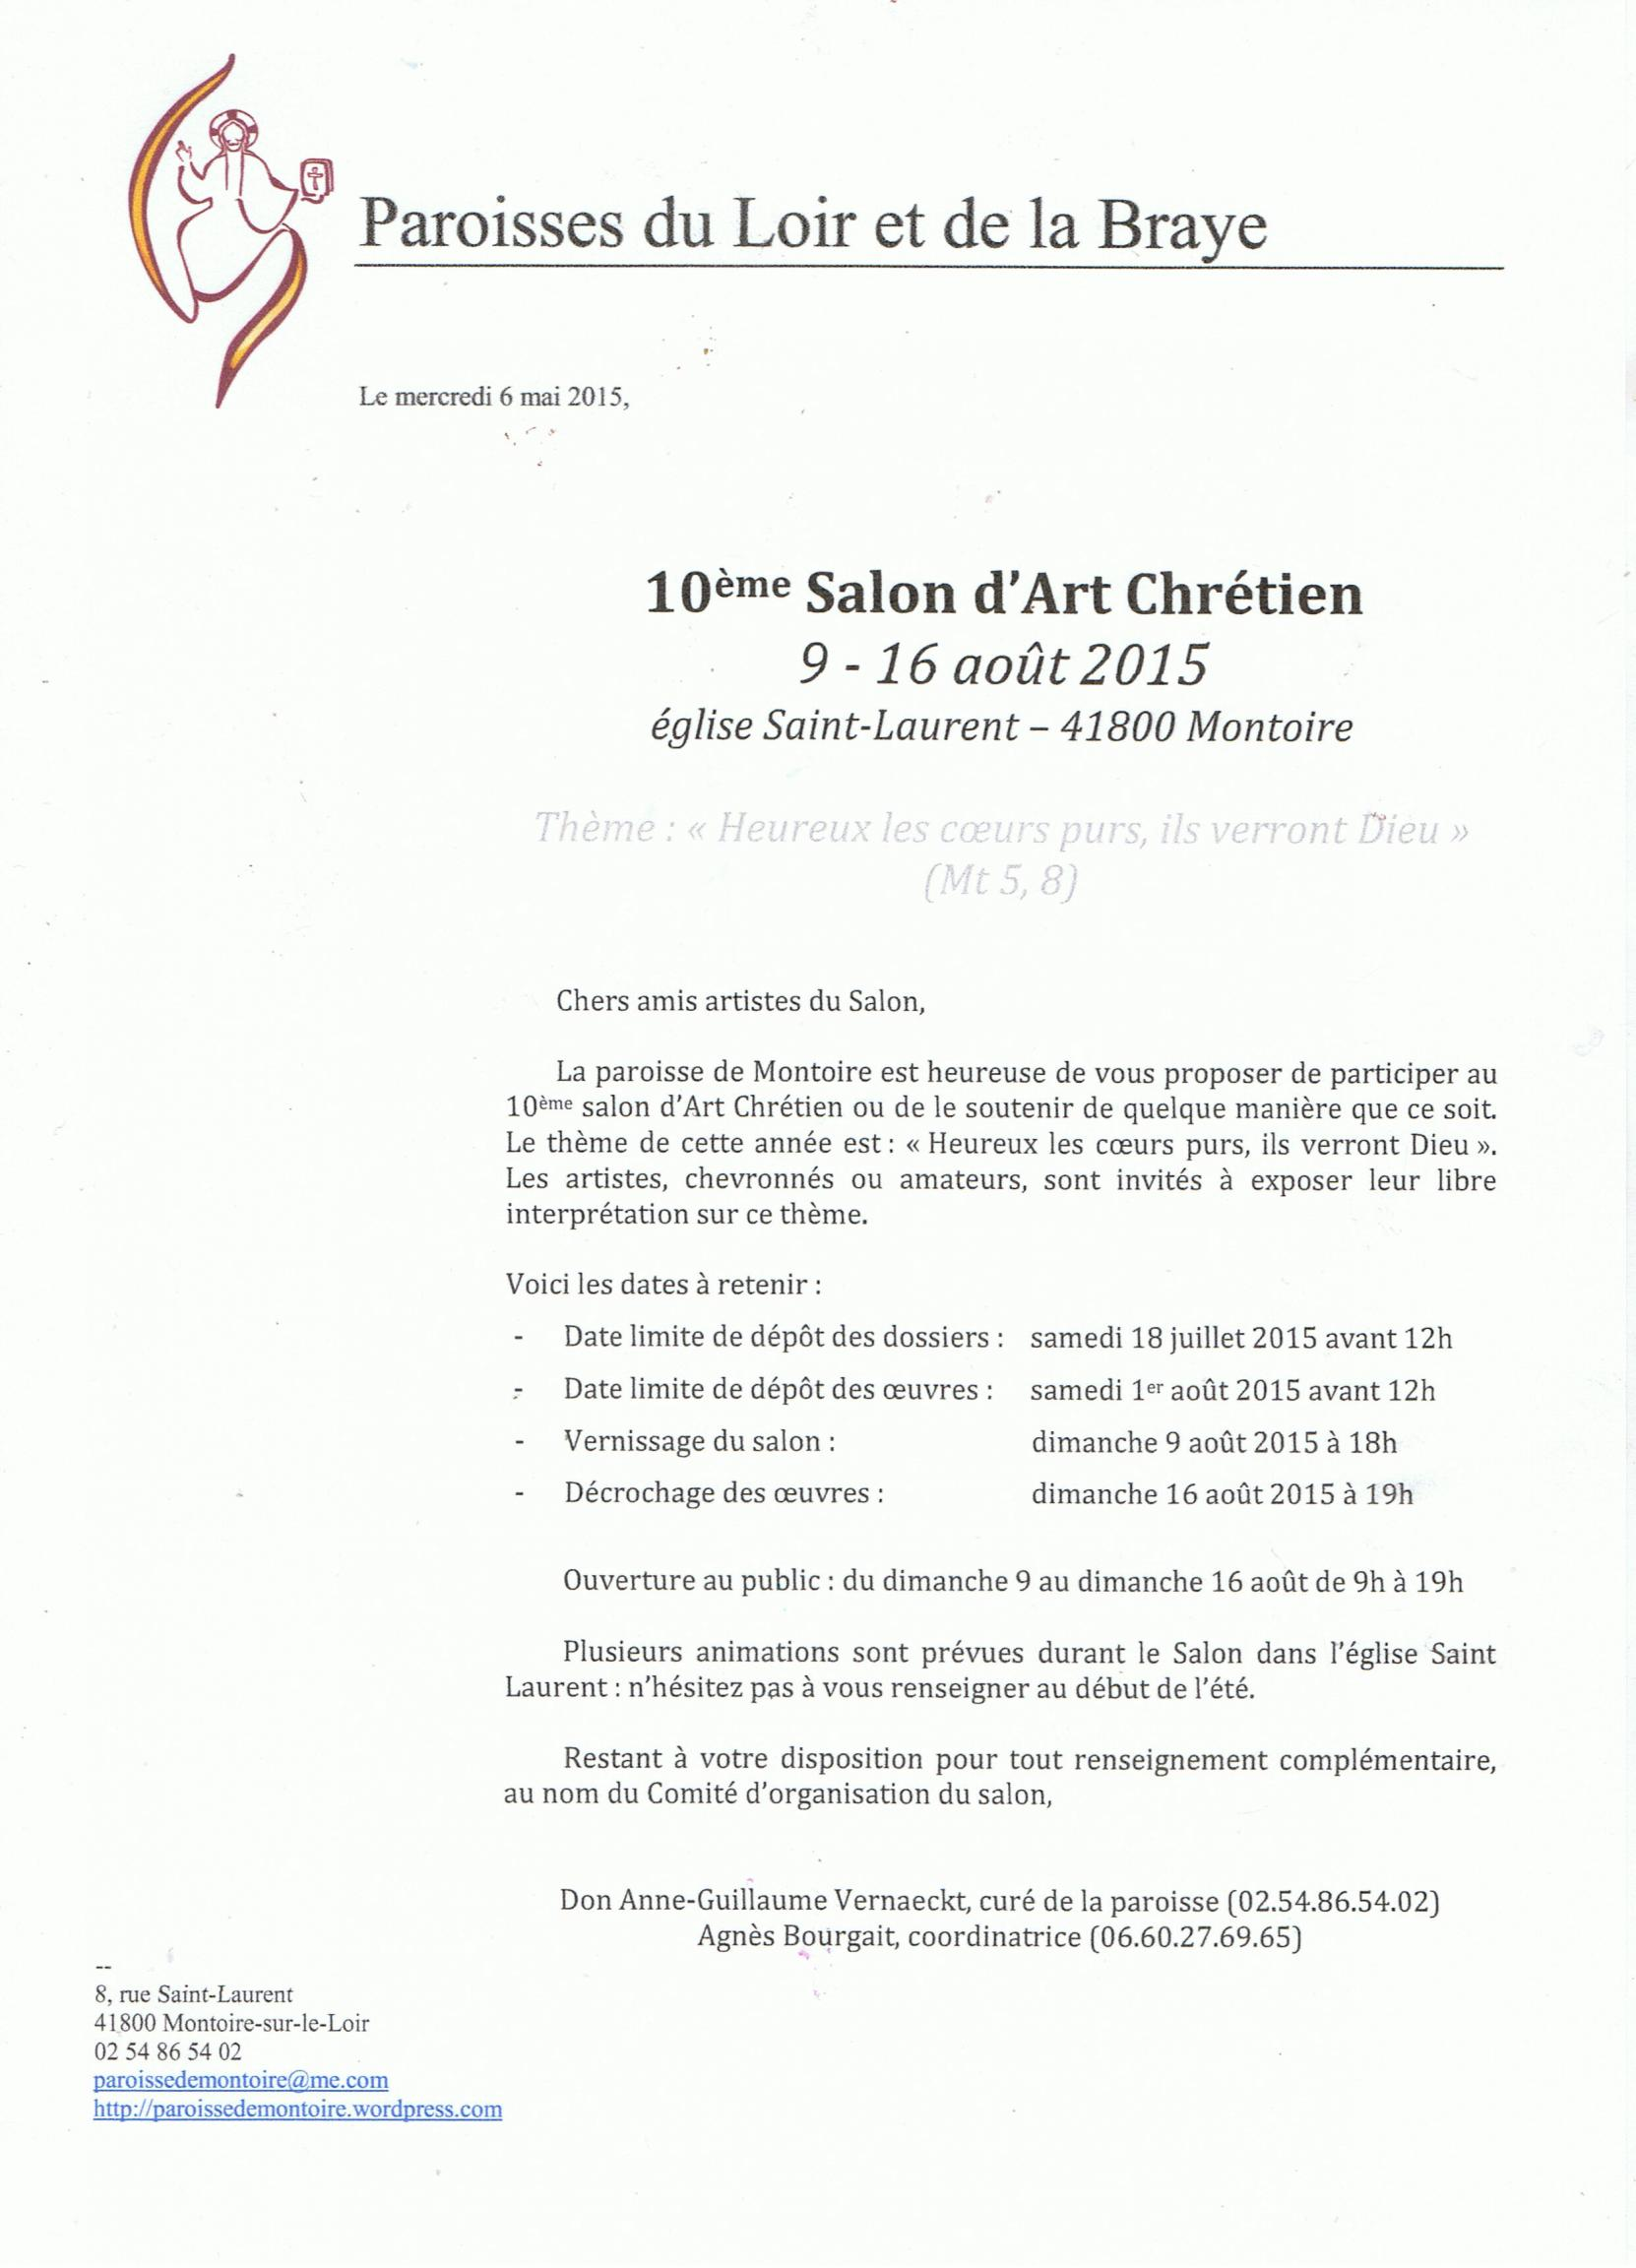 Actualit� de  PRESBYTERE DE MONTOIRE SUR LOIR 10 �me - SALON D'ART CHRETIEN DOSSIER INSCRIPTION DU 10� SALON ART CHRETIEN